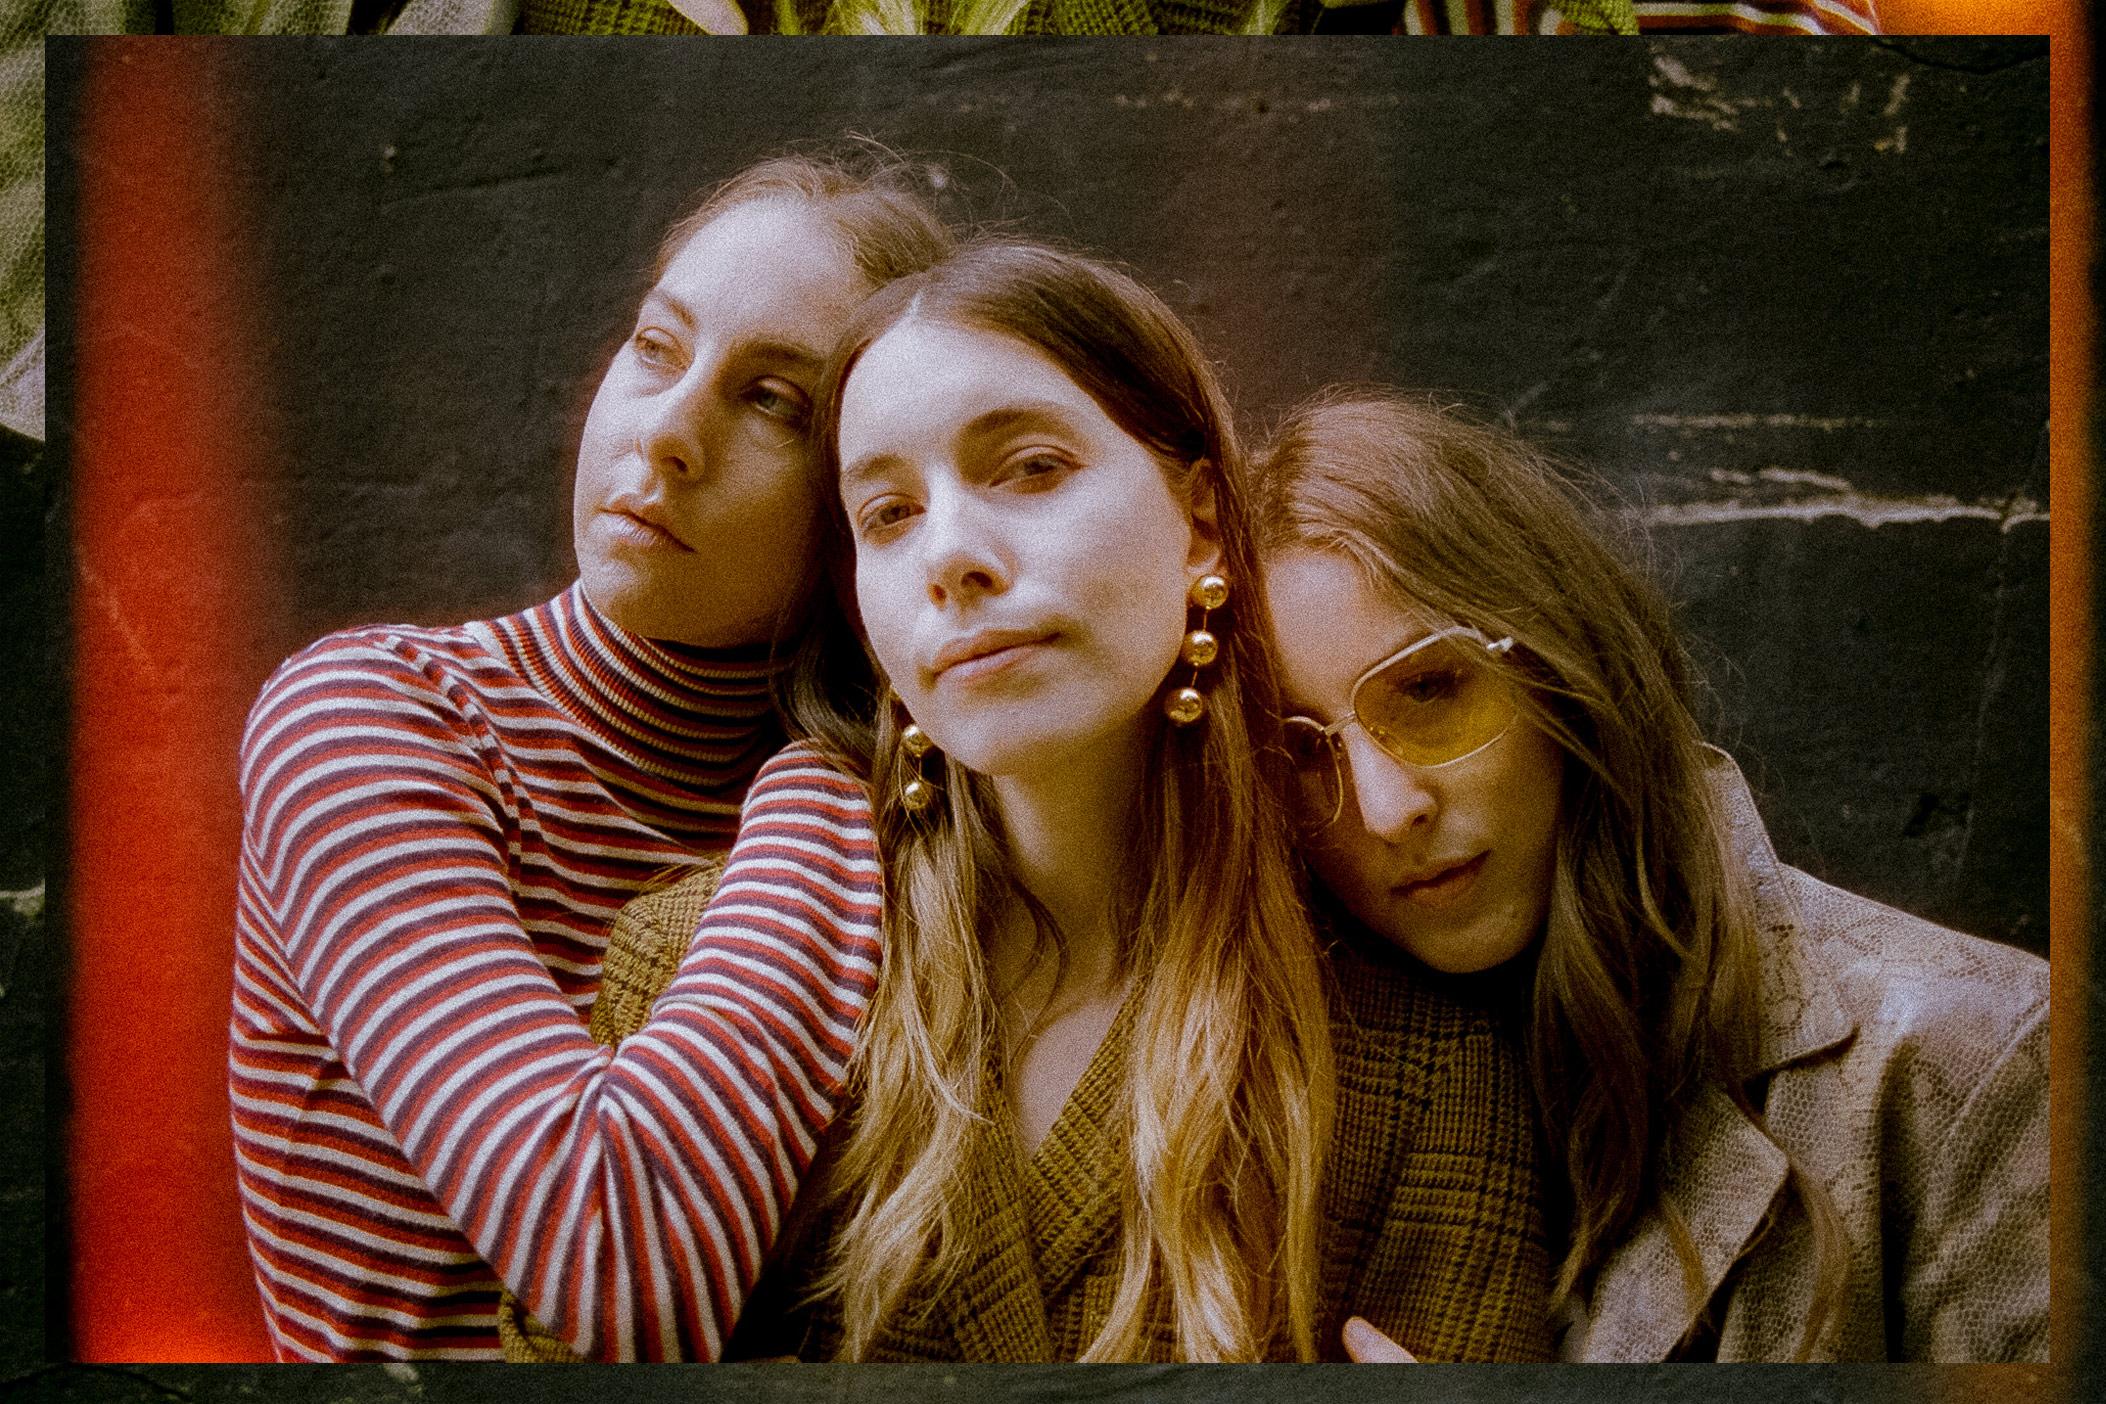 Sisters, Ledge: Haim